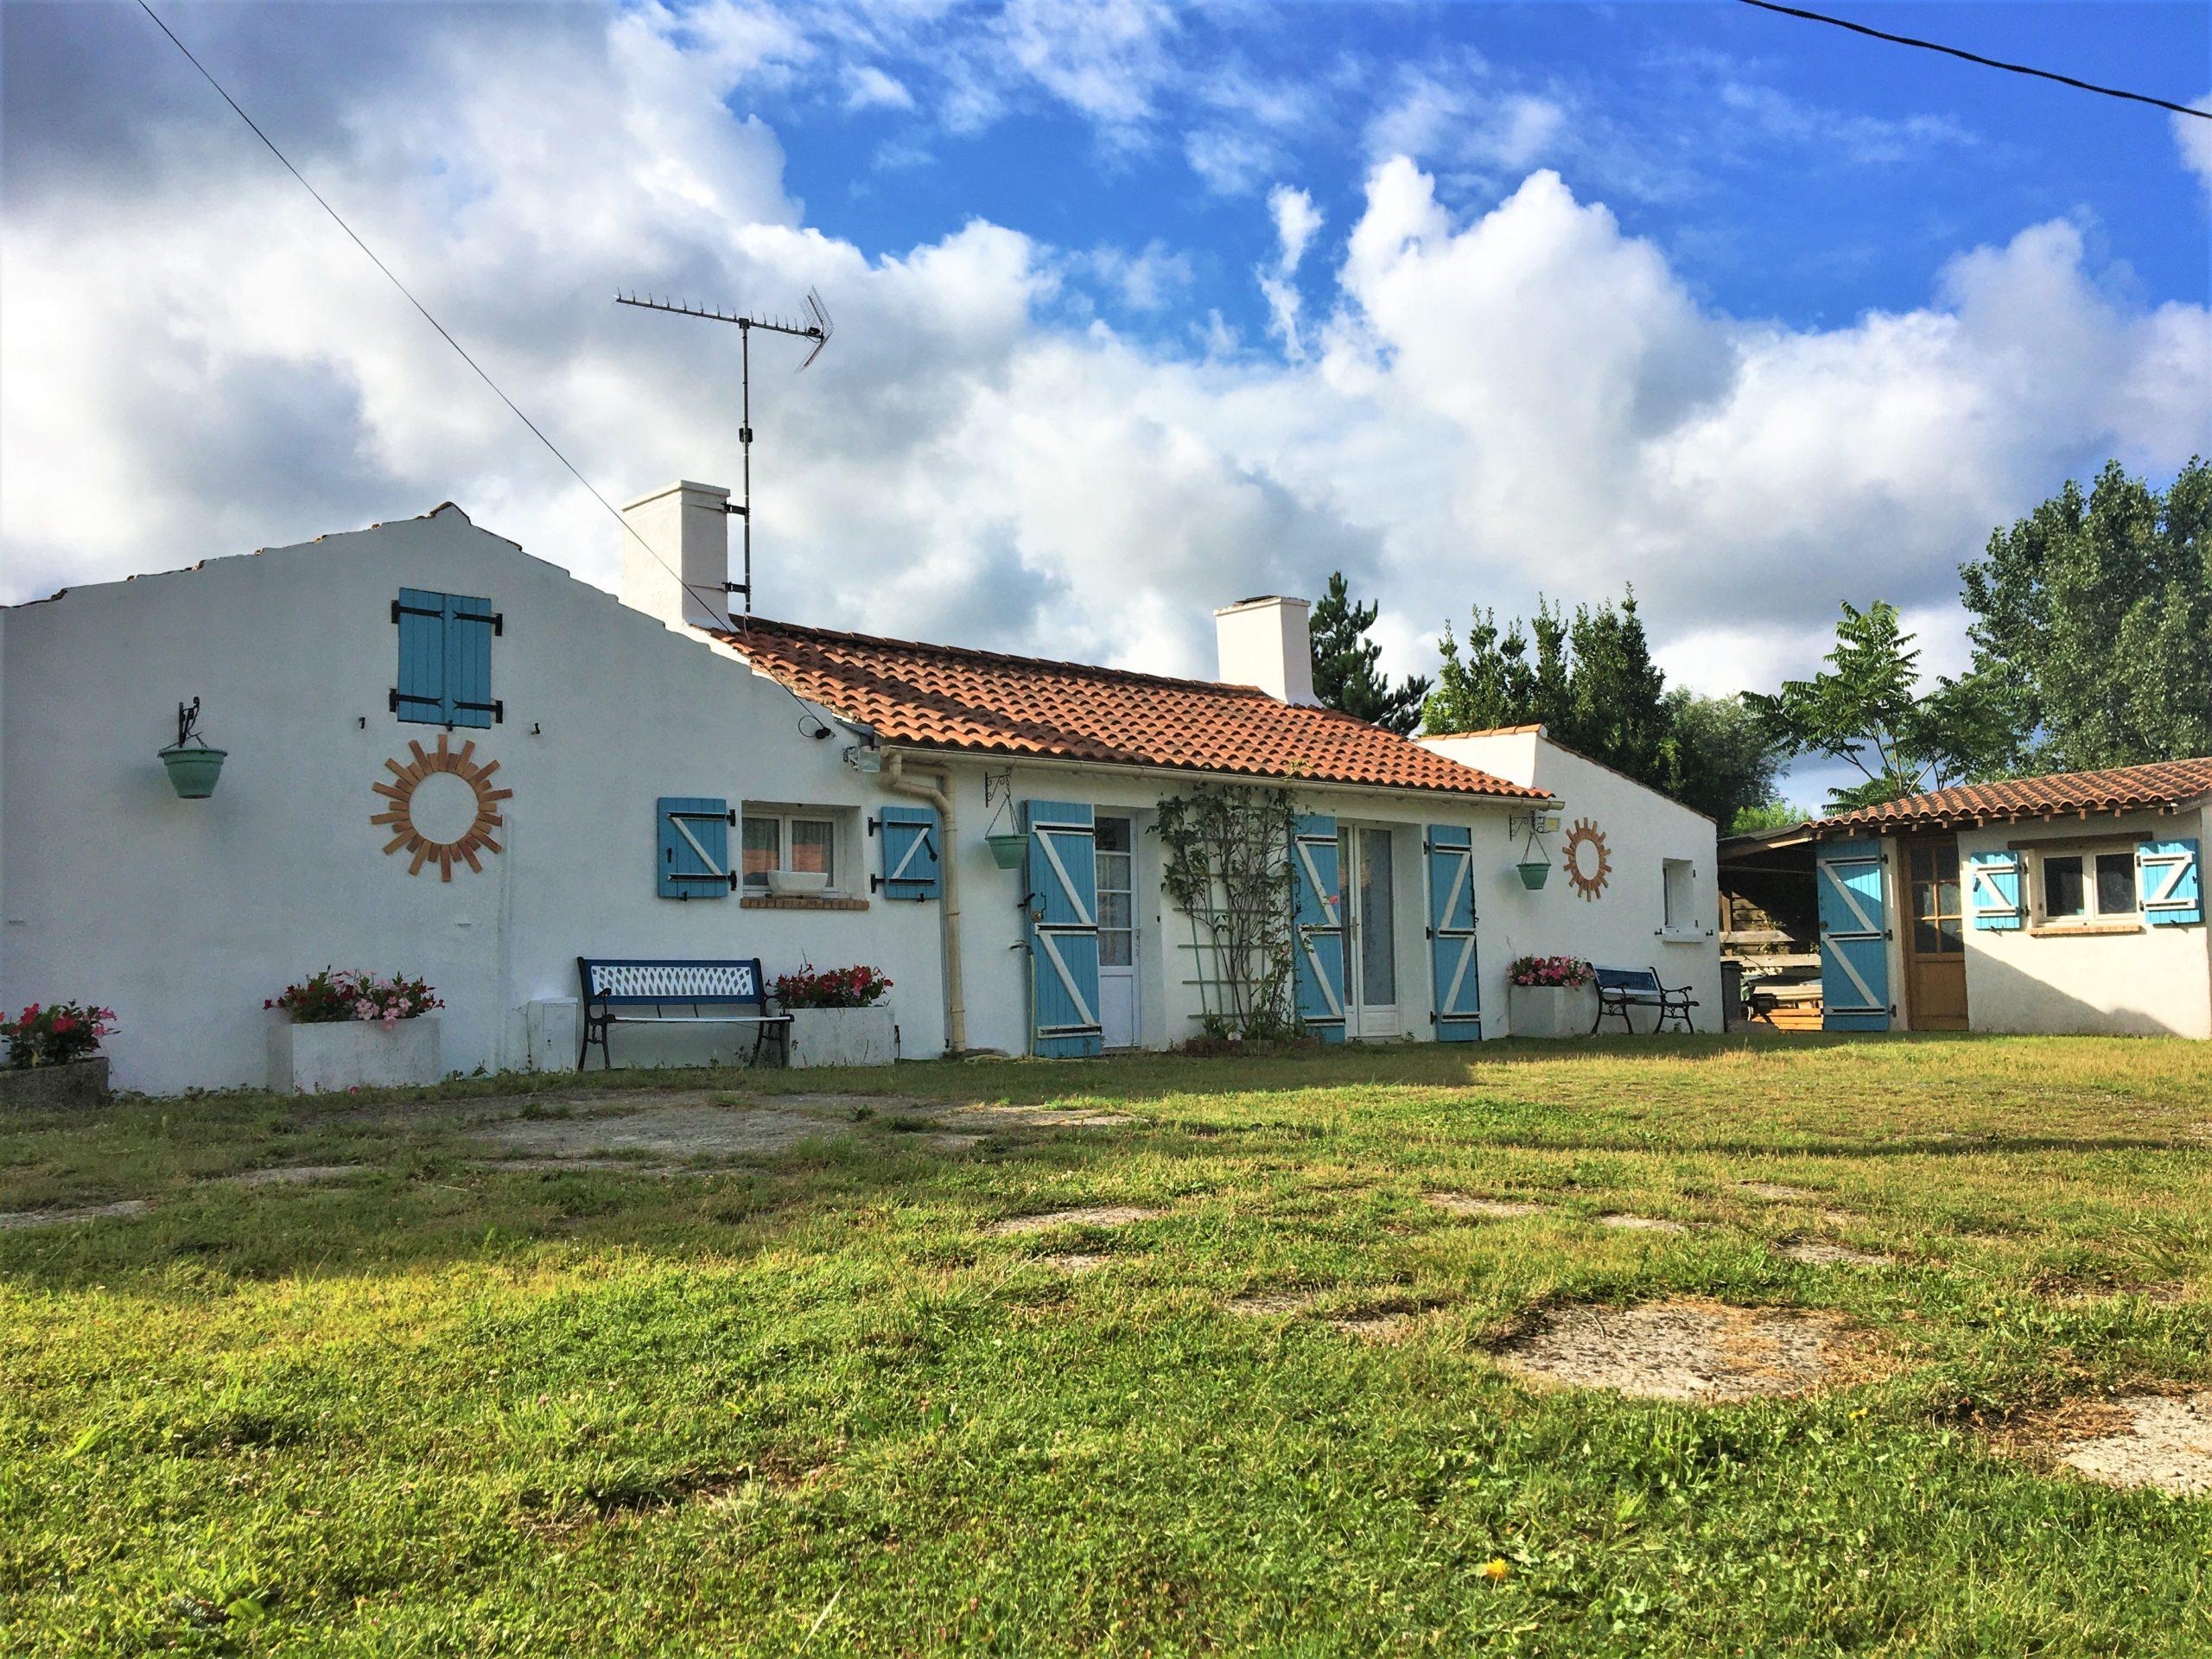 Le Perrier – Maison 3 chambres et garage sur 1500 m2 de terrain